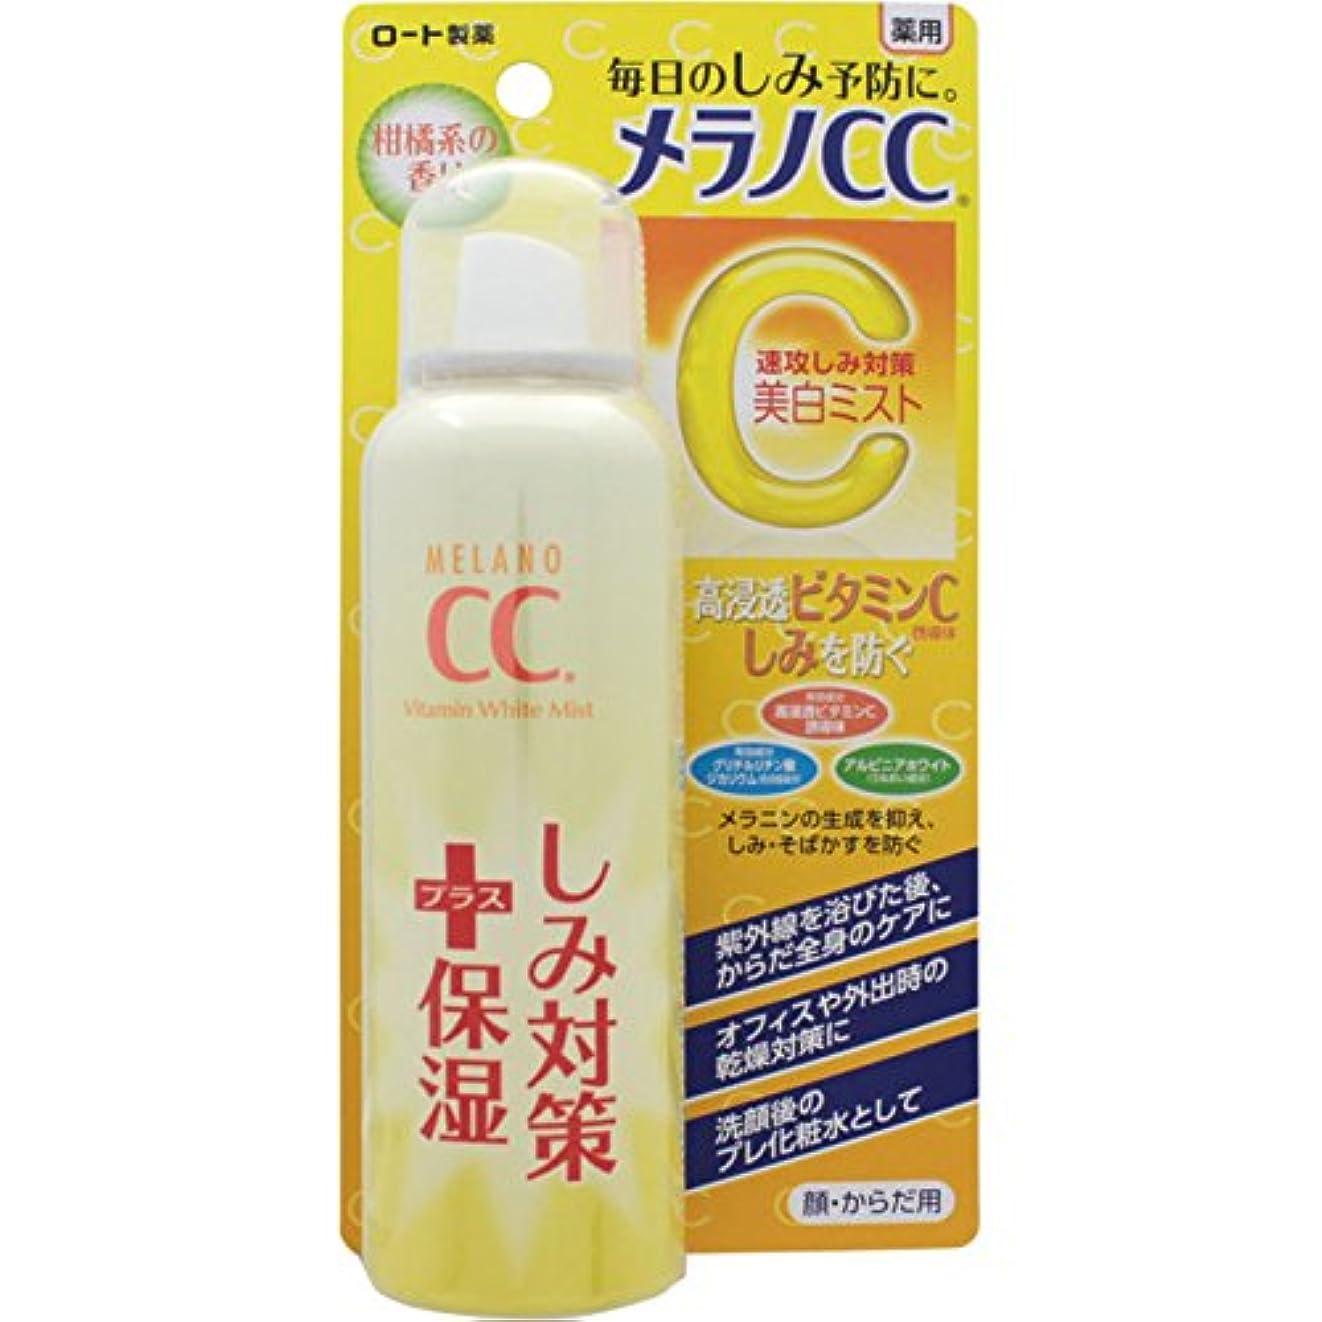 鰐賞賛する自信がある【医薬部外品】メラノCC 薬用しみ対策 美白ミスト化粧水 100g